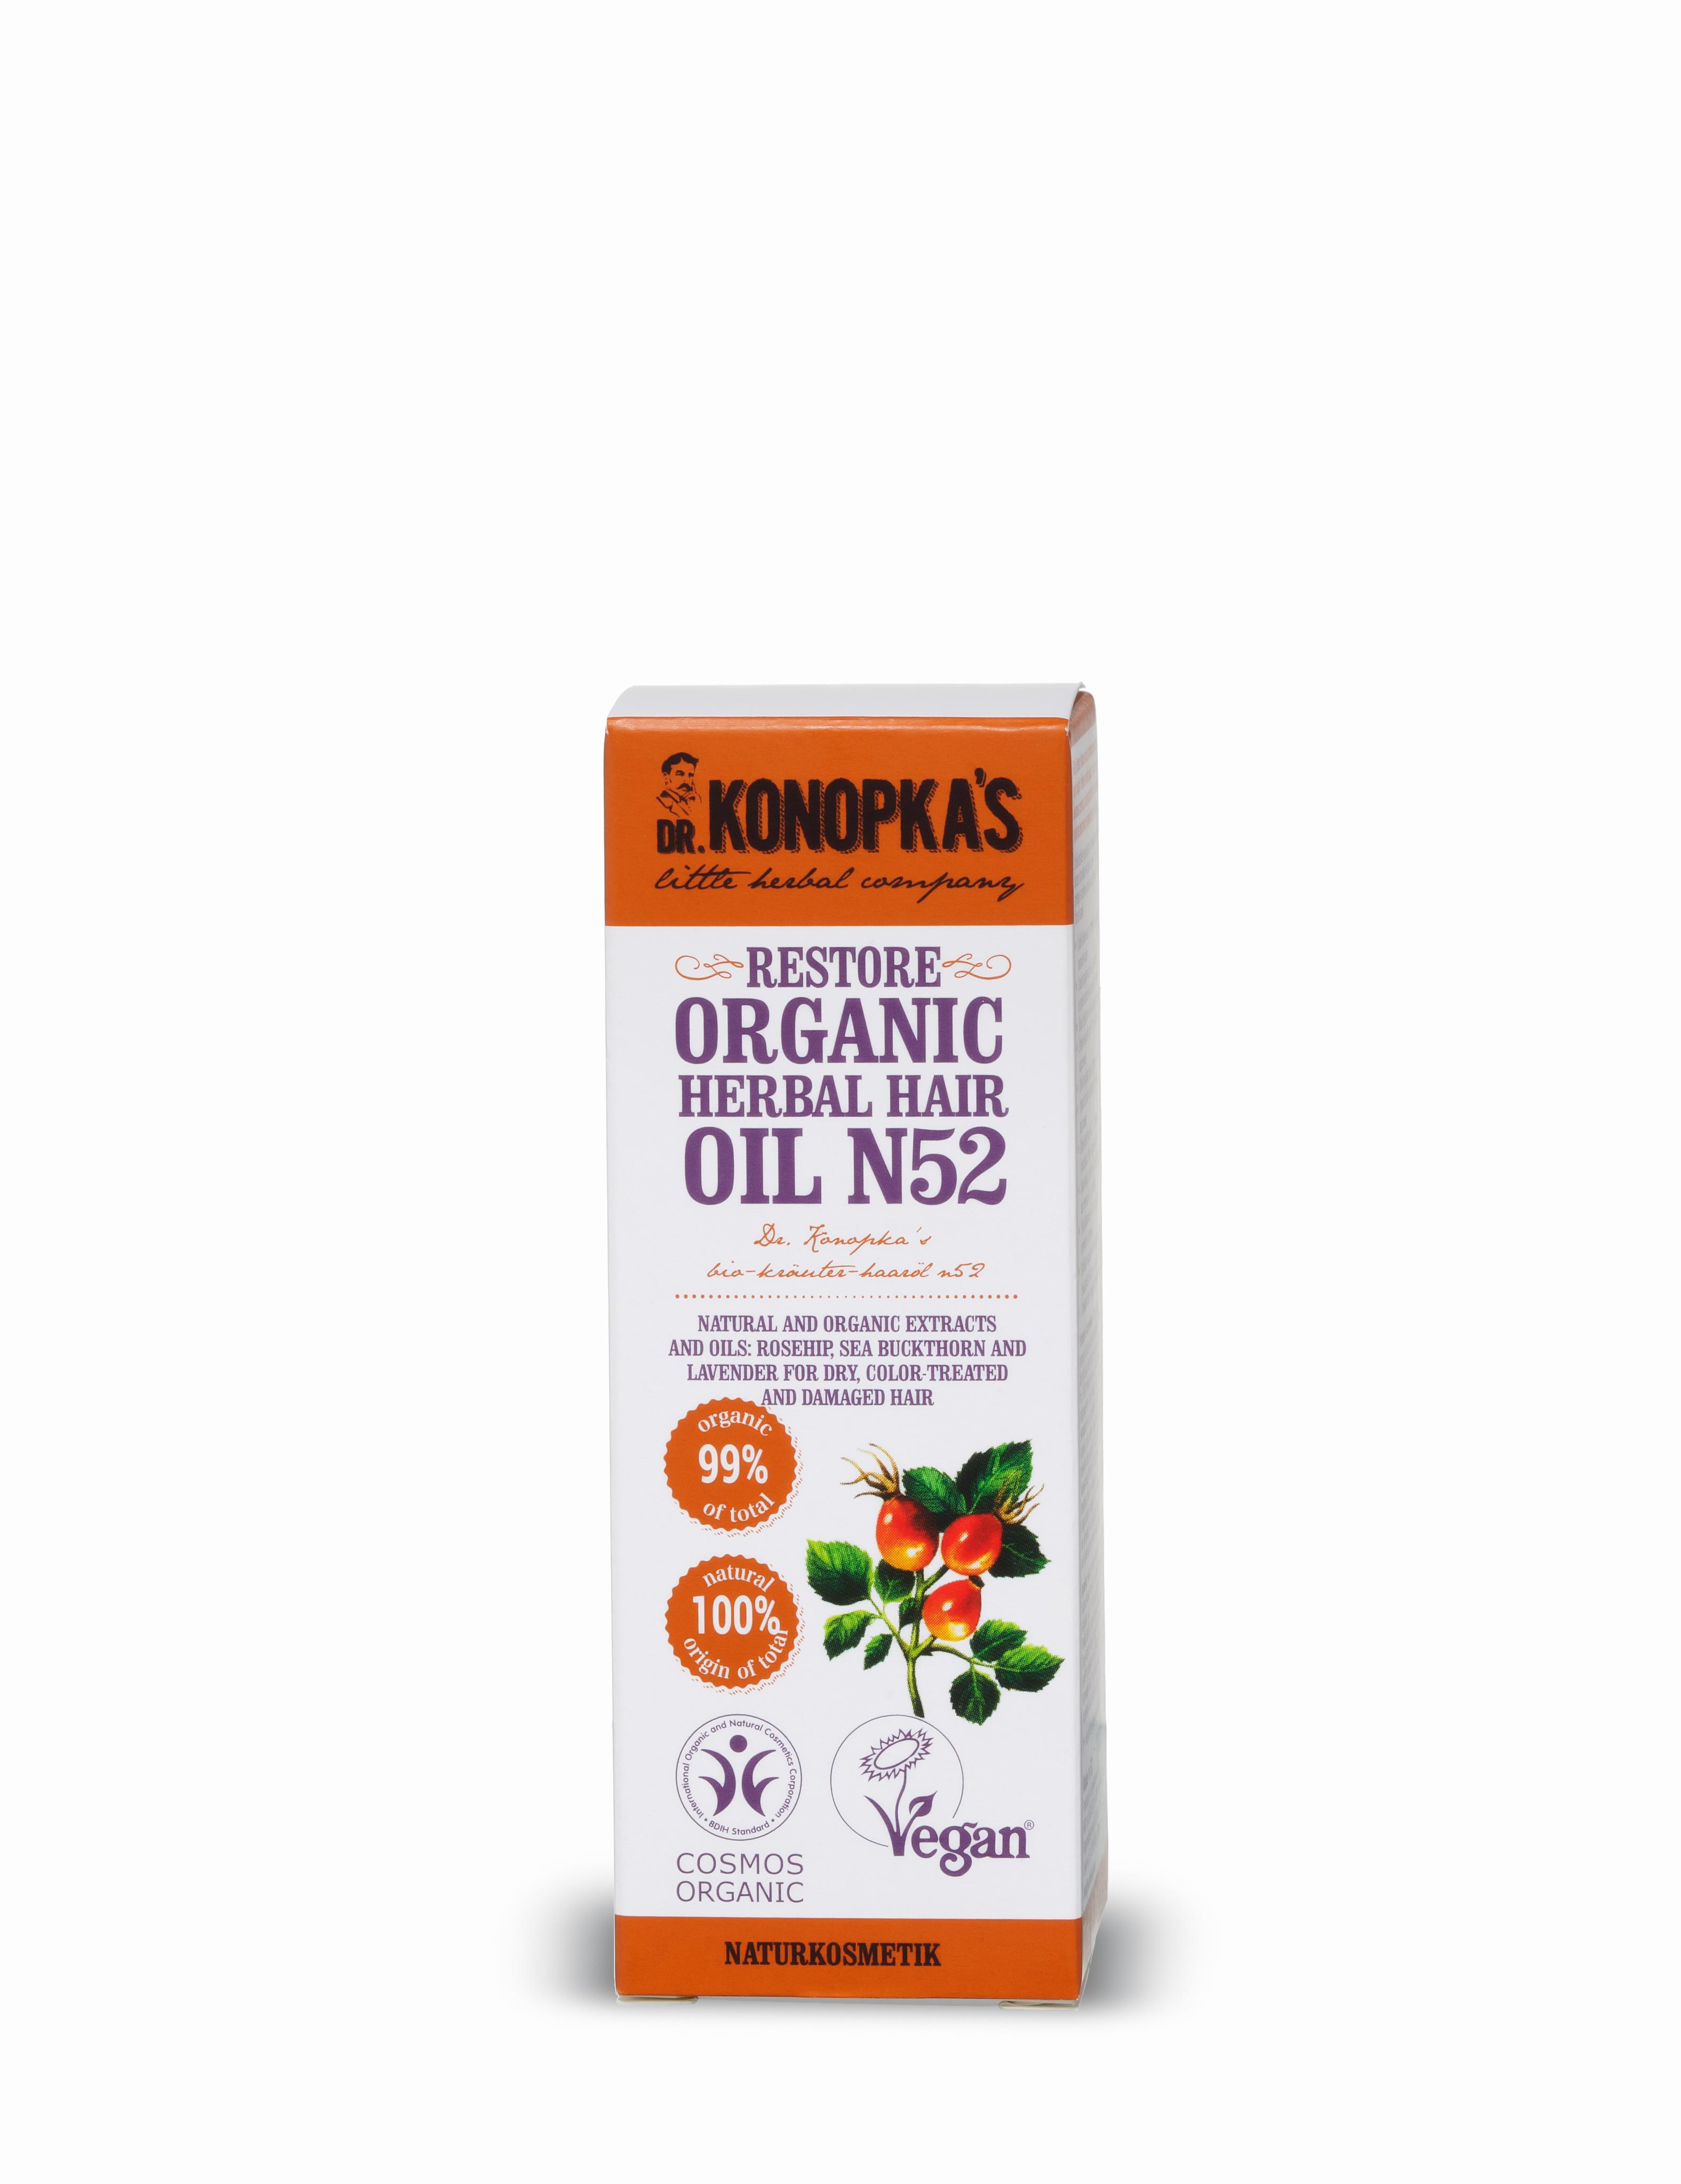 Aceite Restaurador Orgánico de Hierbas para el cabello nº 52, 30 ml Image